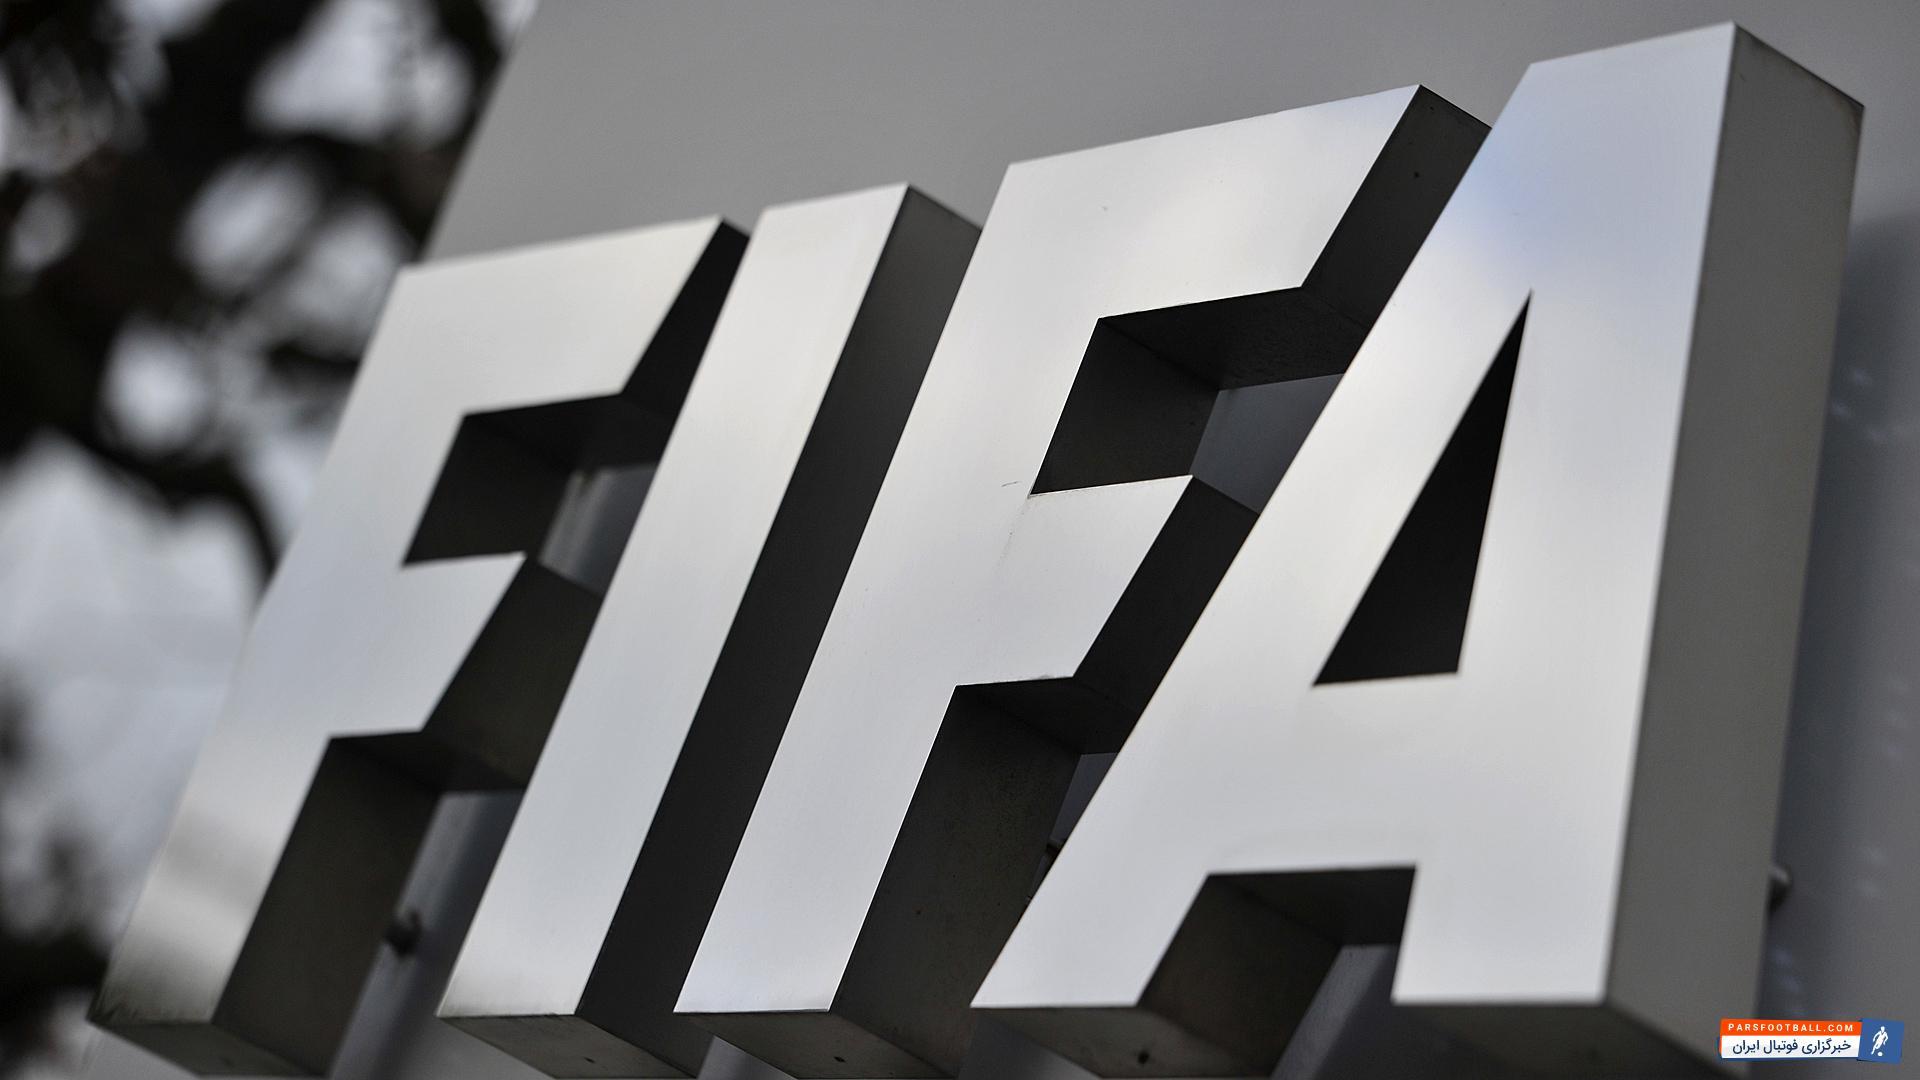 کلیپی از شوخی با قوانین جدید فیفا در برنامه ویدئو چک ؛ پارس فوتبال